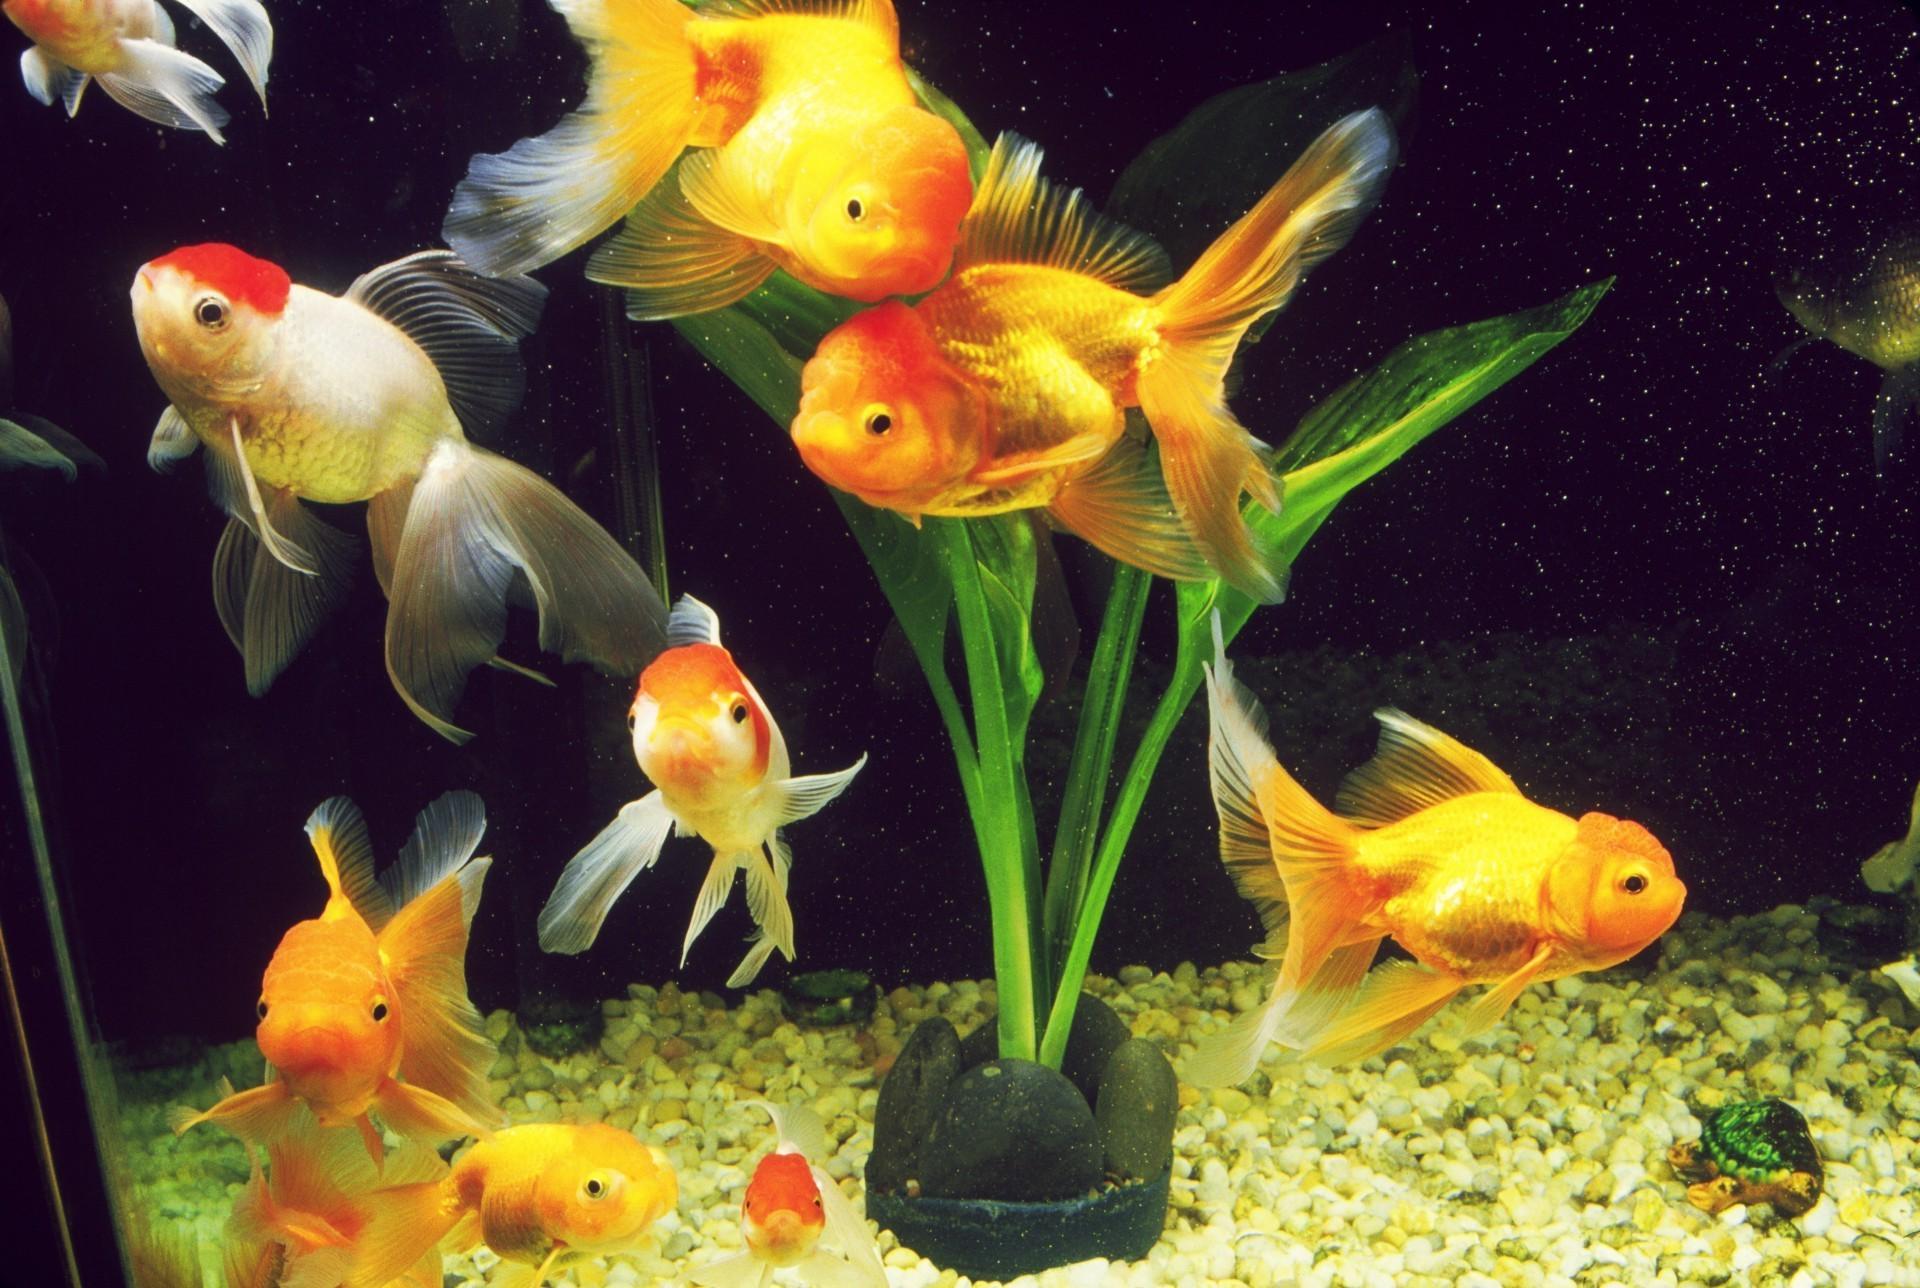 Обои на рабочий стол скачать бесплатно рыбки золотые рыбки